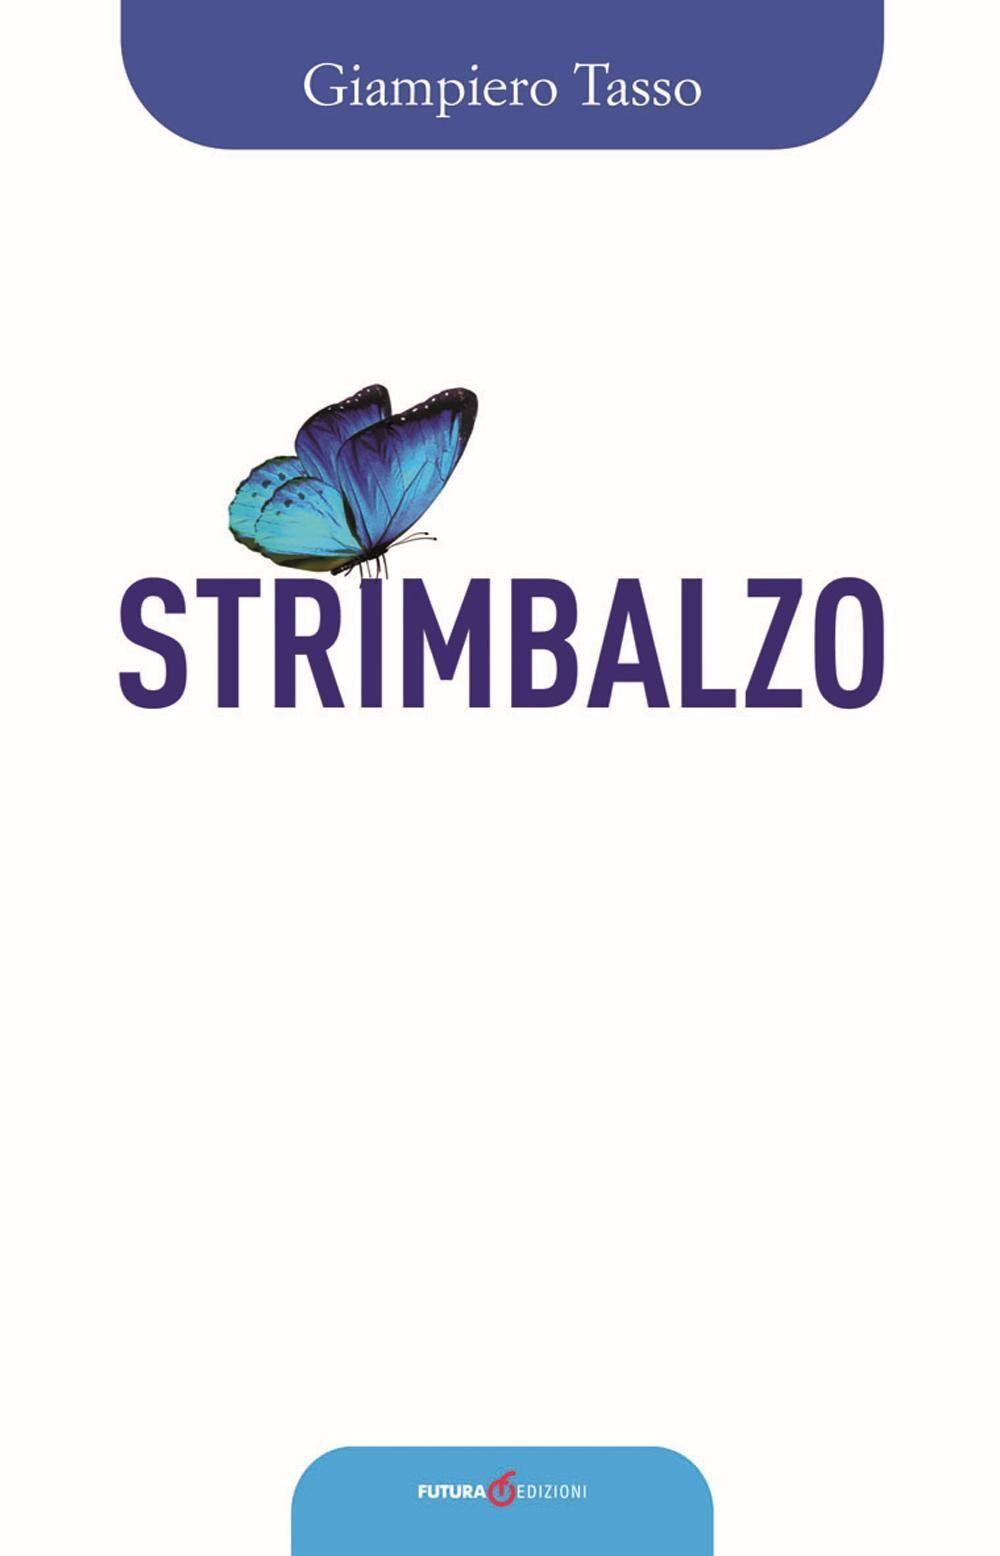 Strimbalzo